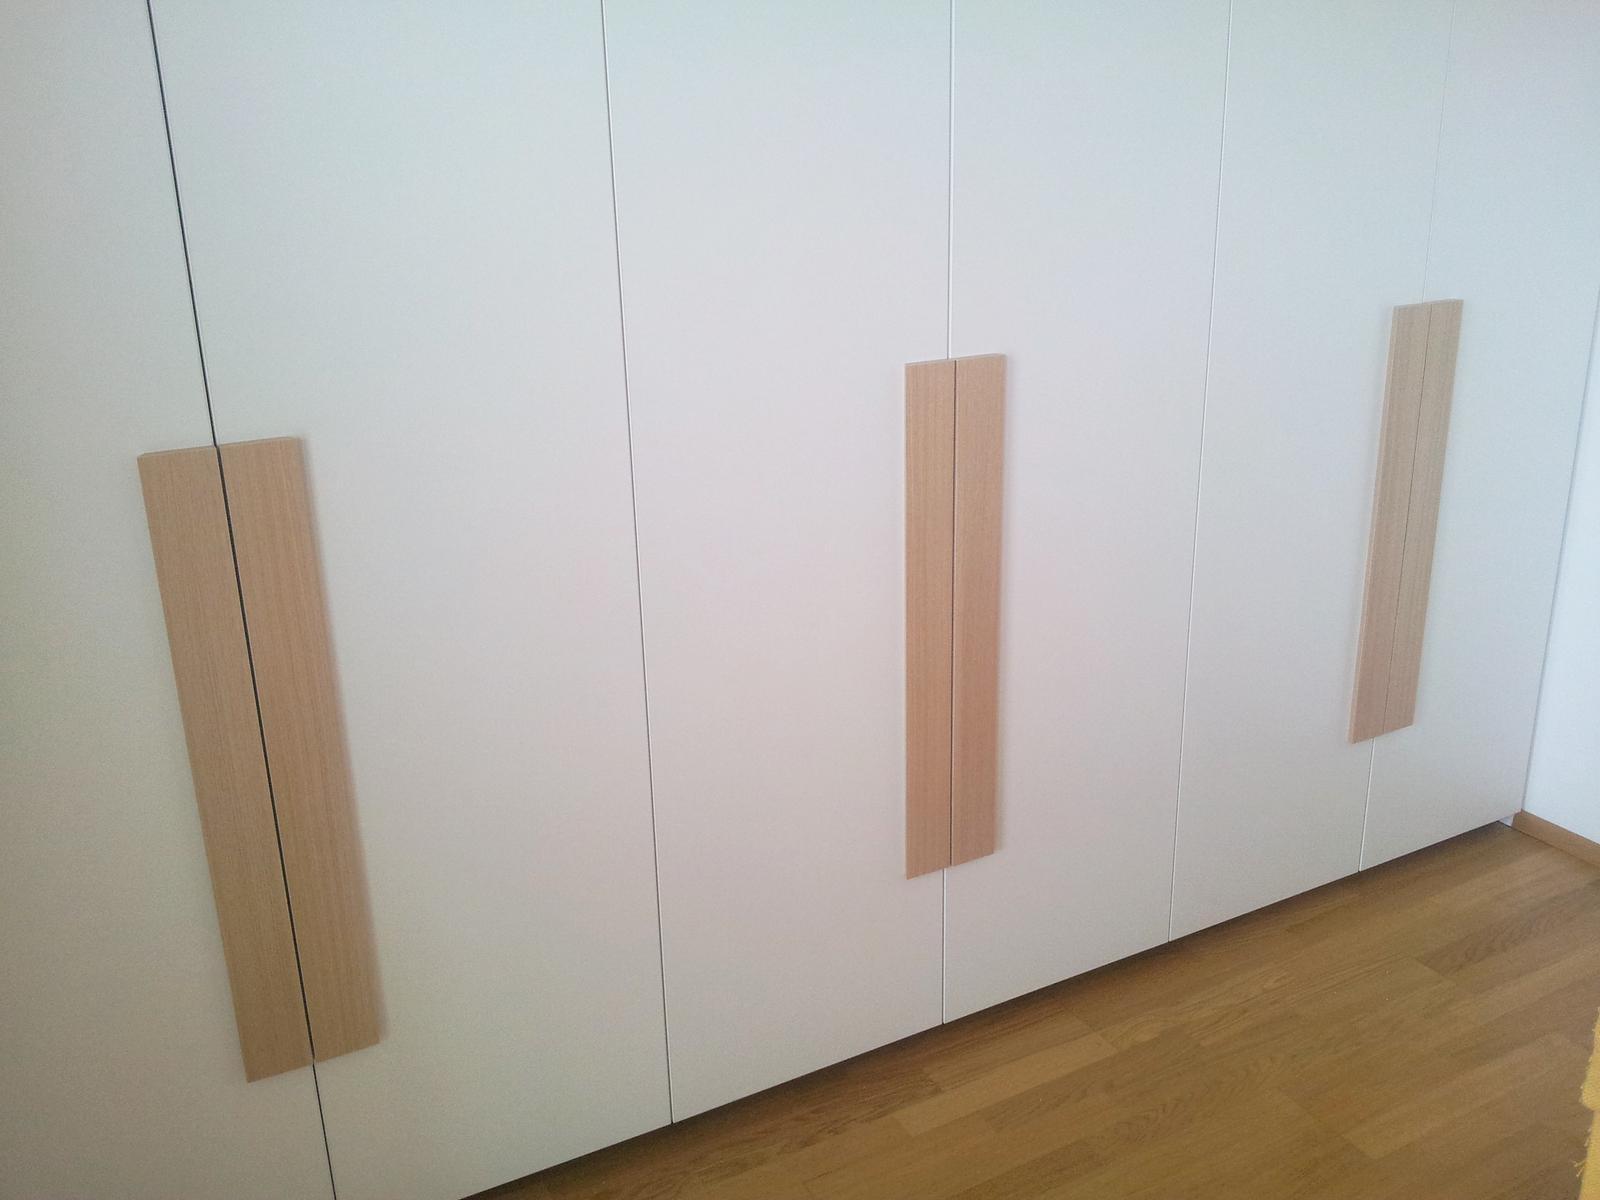 Dizajn a výroba nábytku na mieru Cubica - Vstavaný šatník s krídlovými dverami - dubové uchýtky - dizajn a výroba cubica